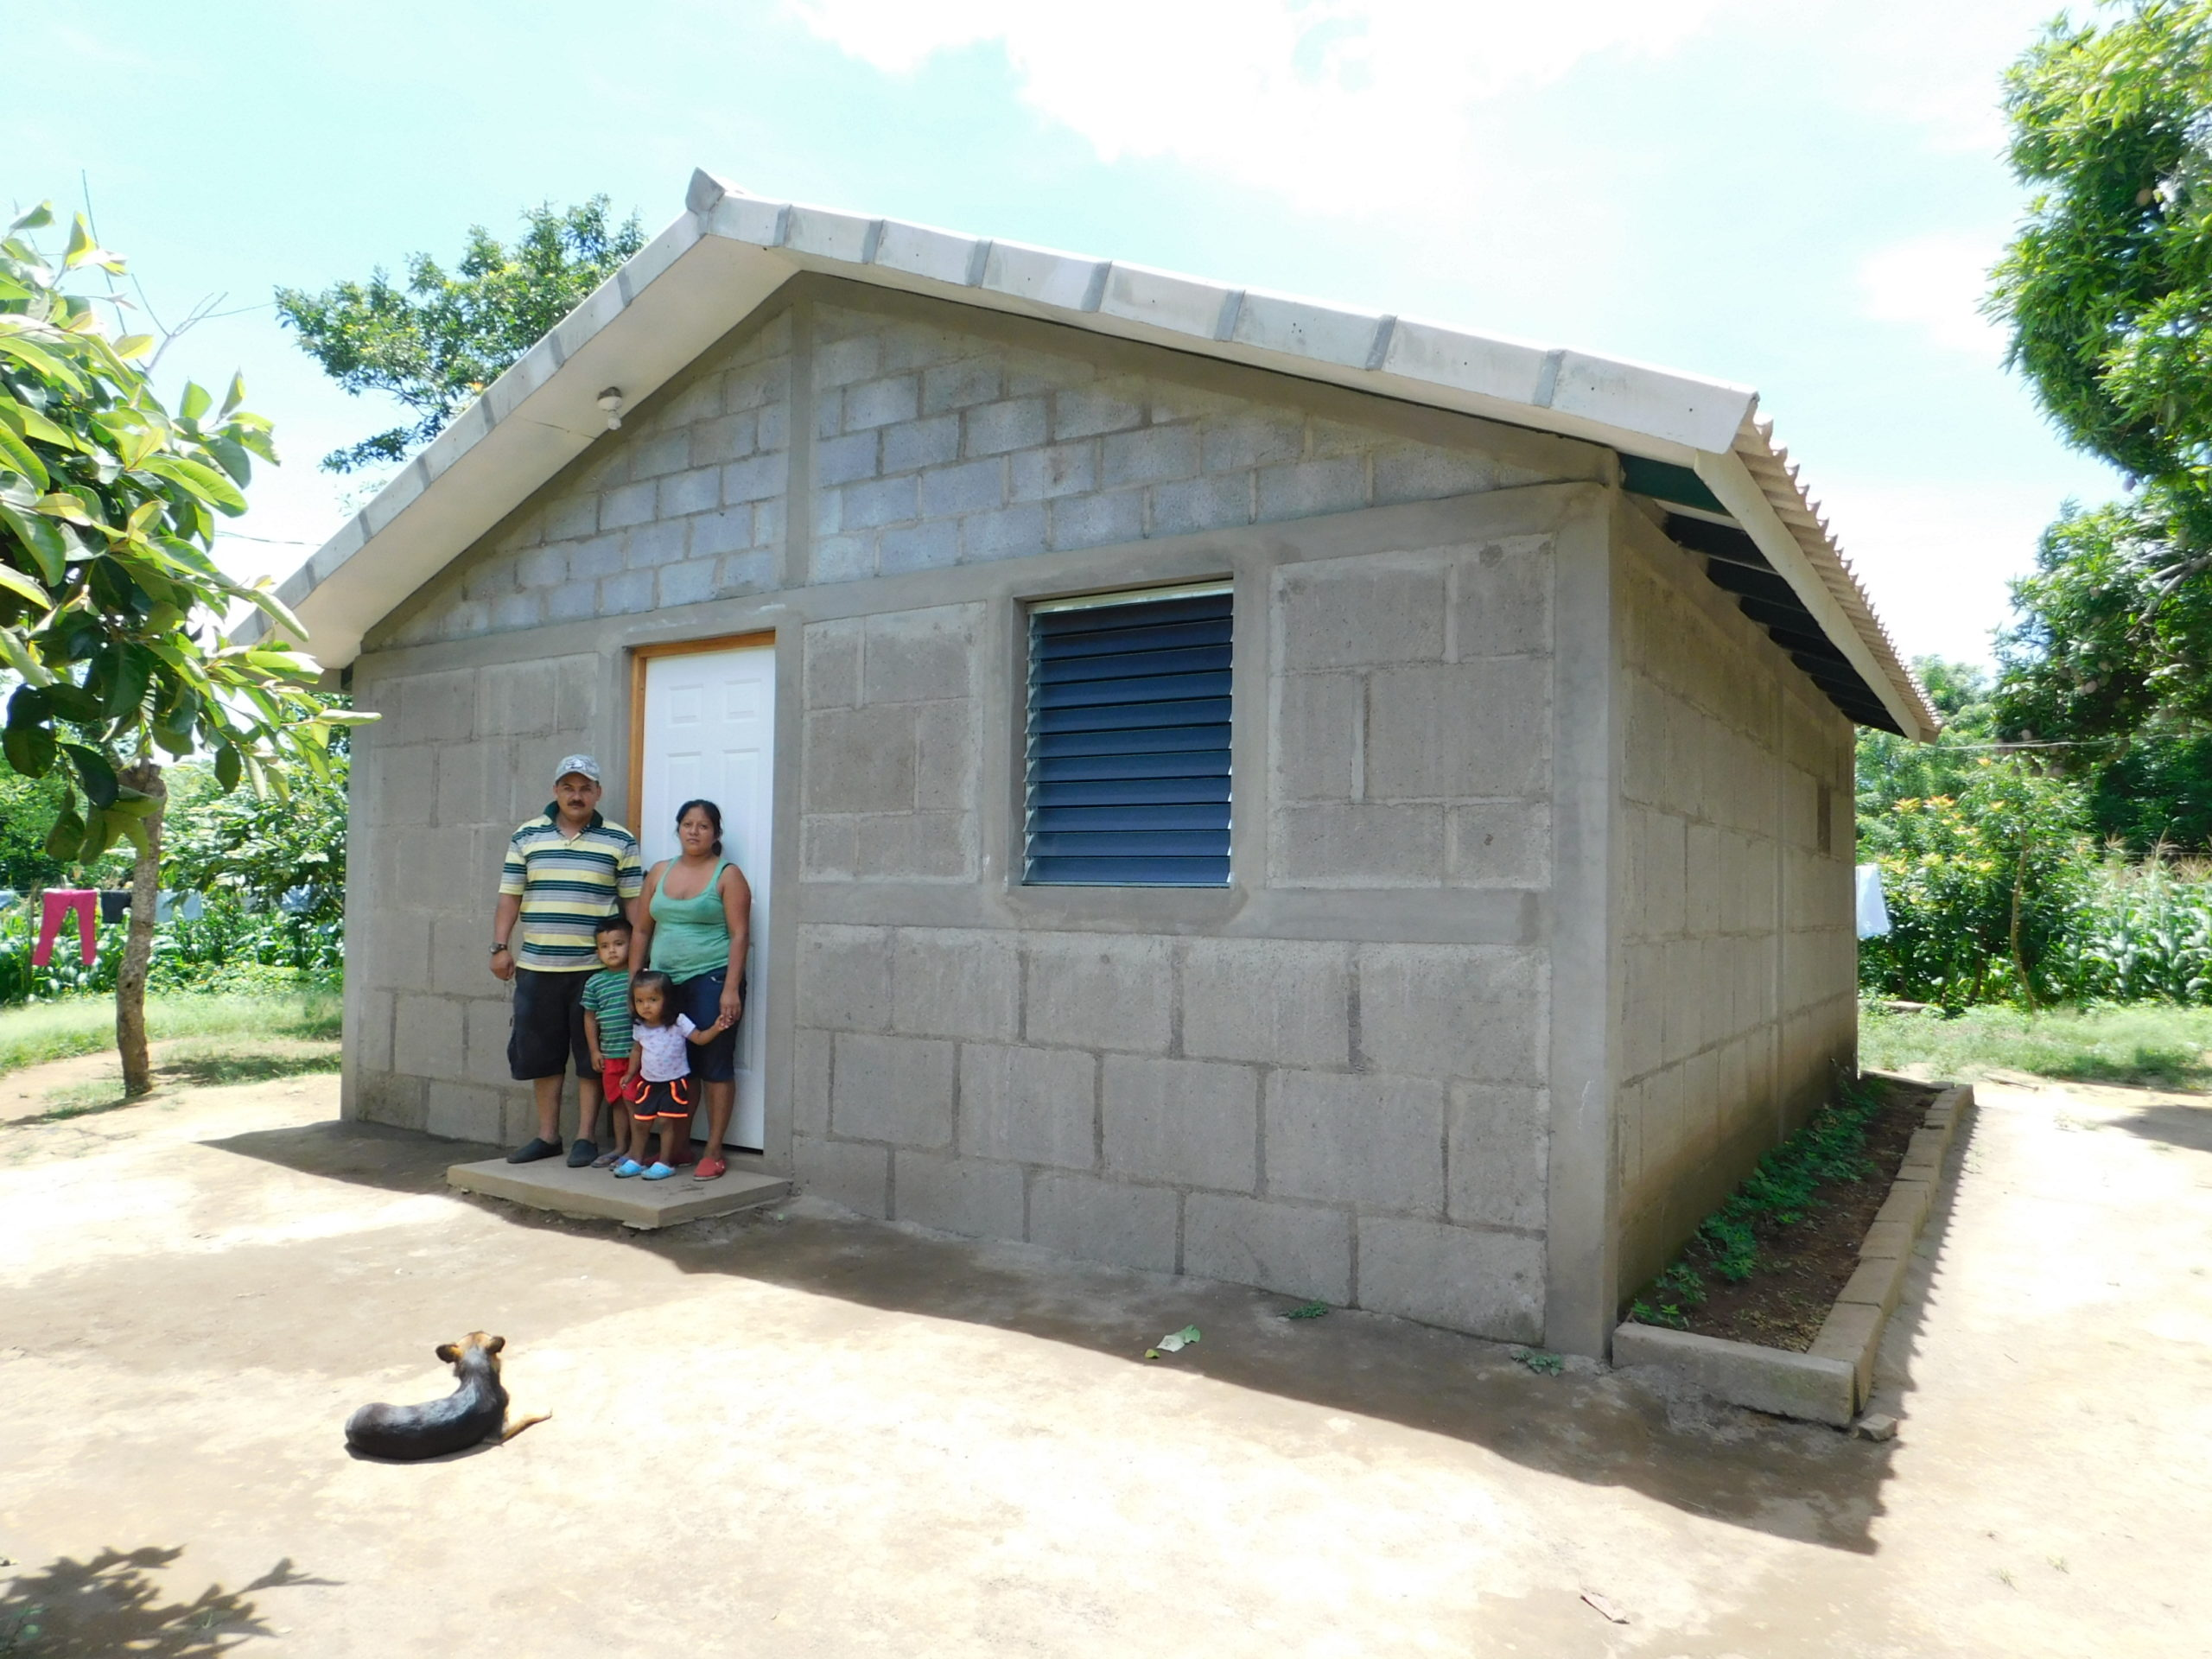 Entwicklungshilfe: Wie DESWOS e.V. weltweit Wohnraum schafft